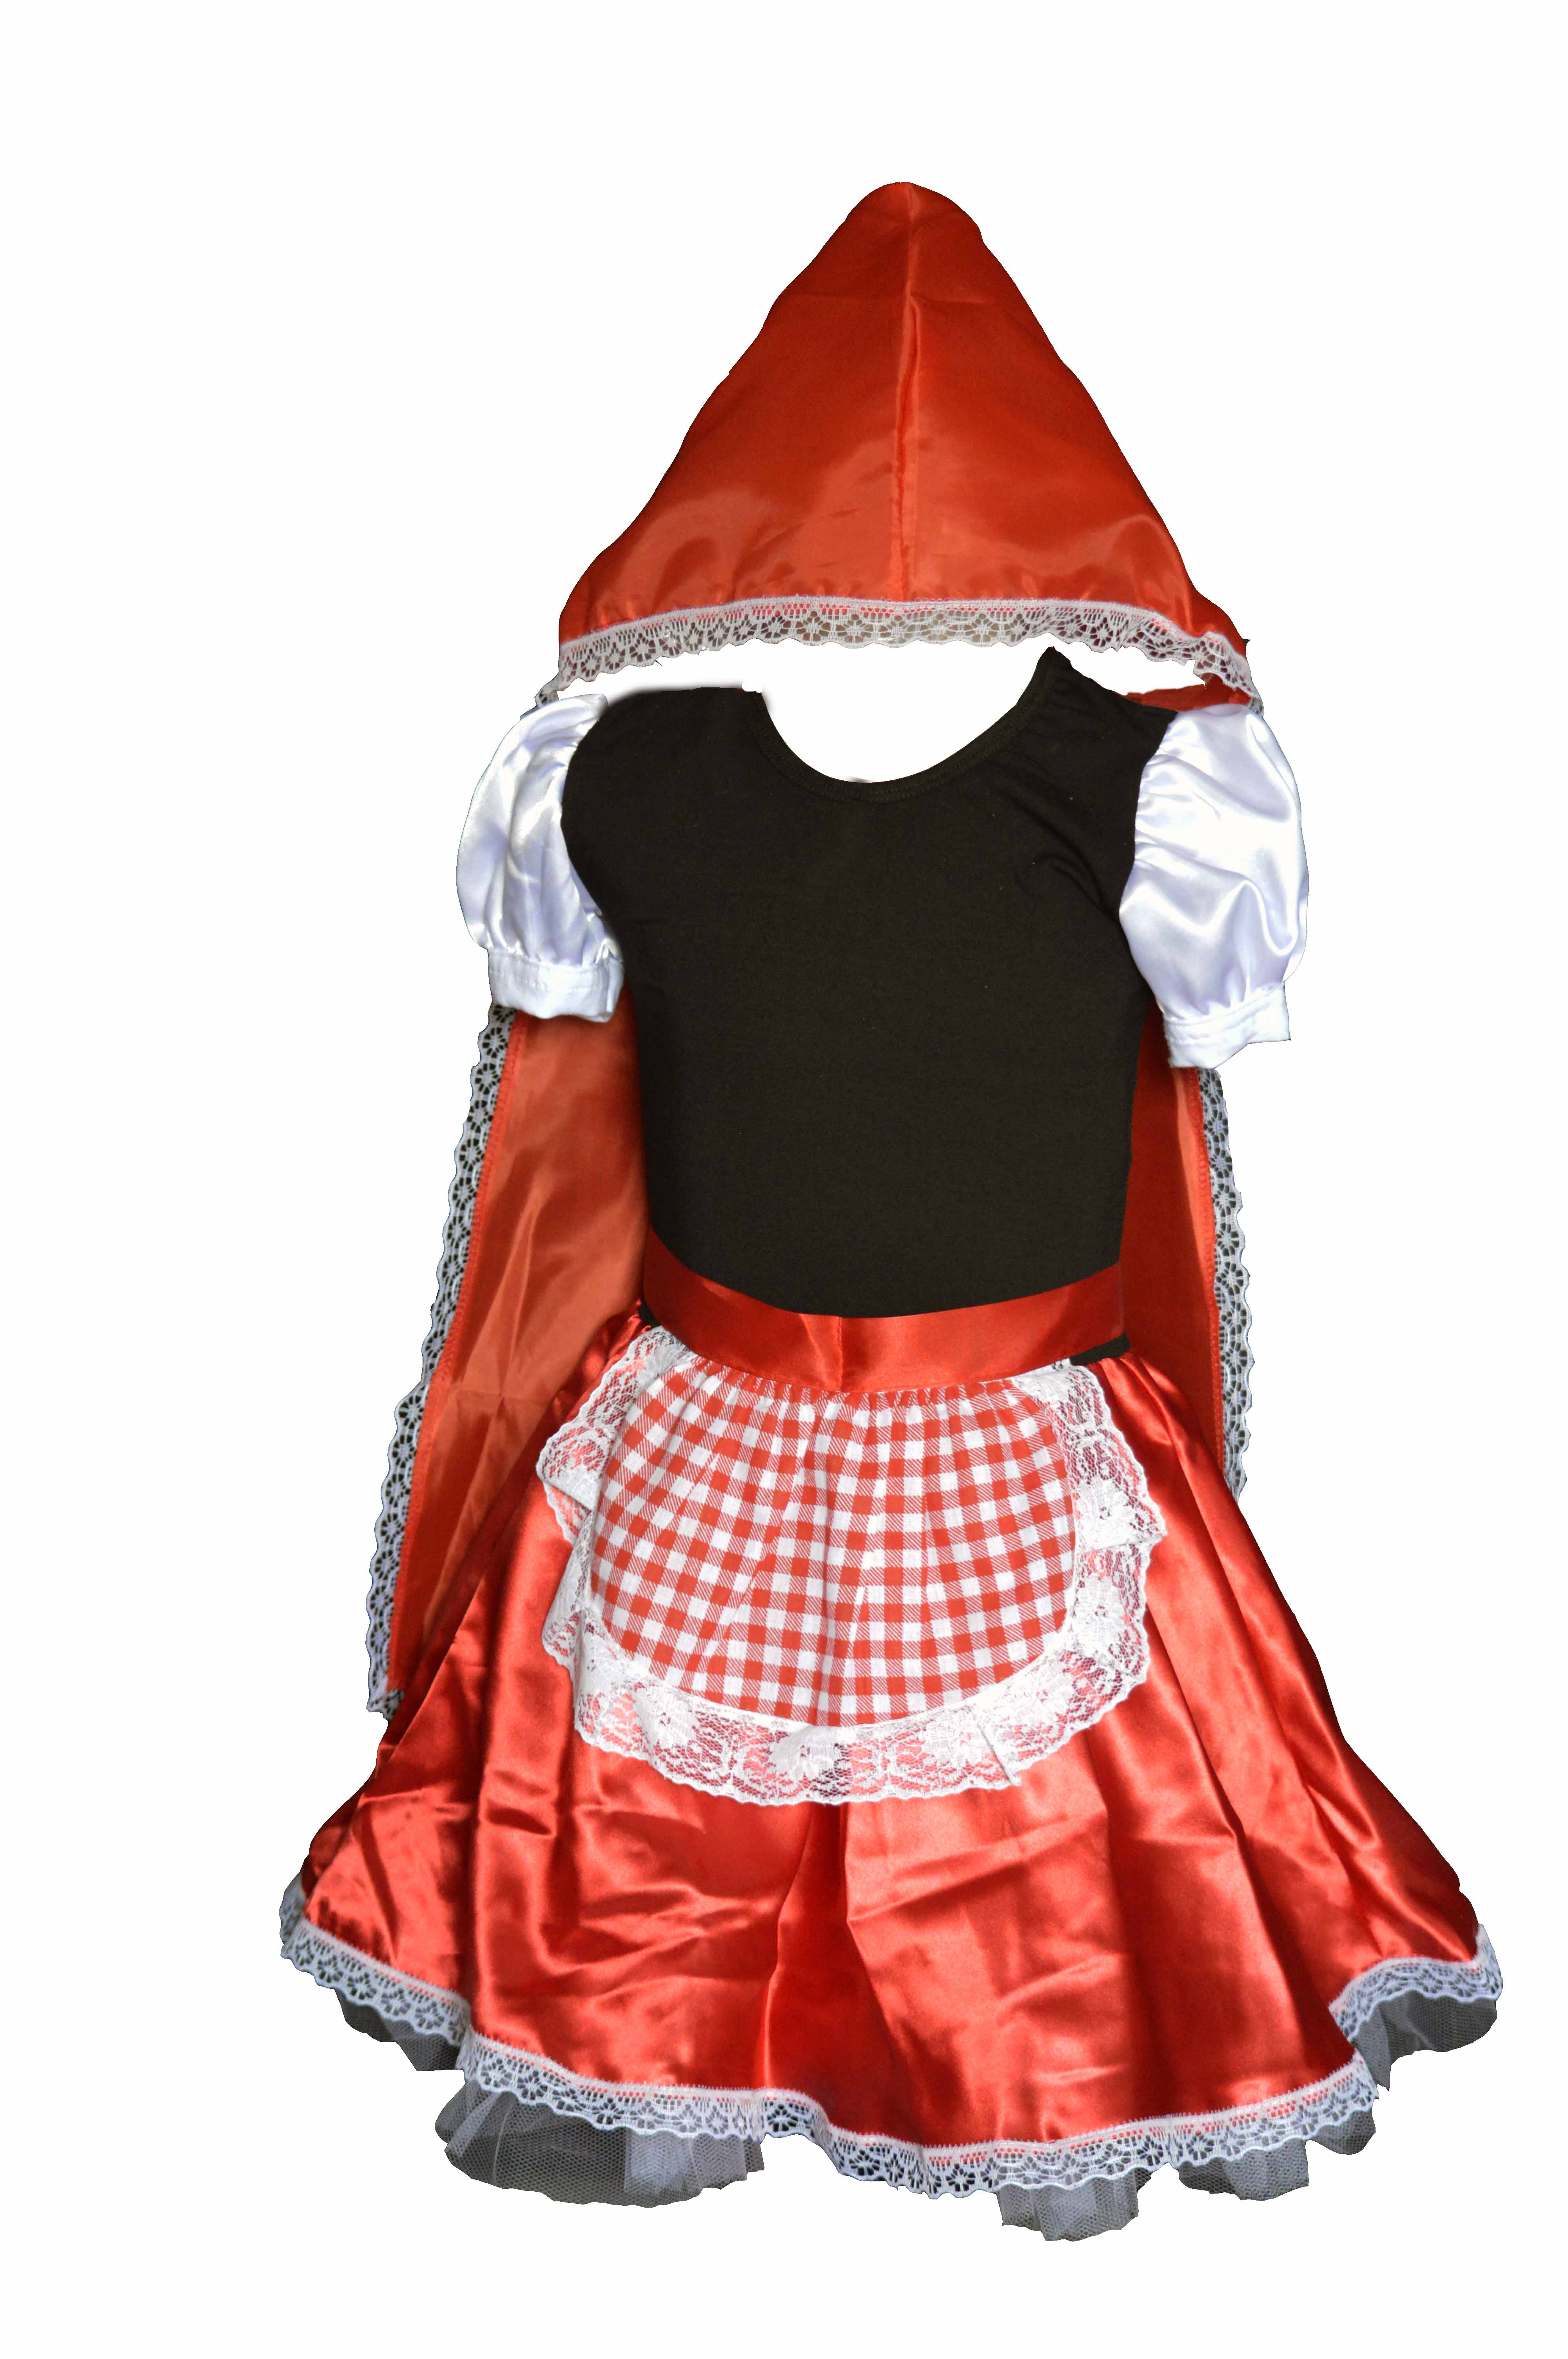 13bfe35656 Fantasia Infantil Chapeuzinho Vermelho no Elo7   Pike Moda Infantil (B66235)